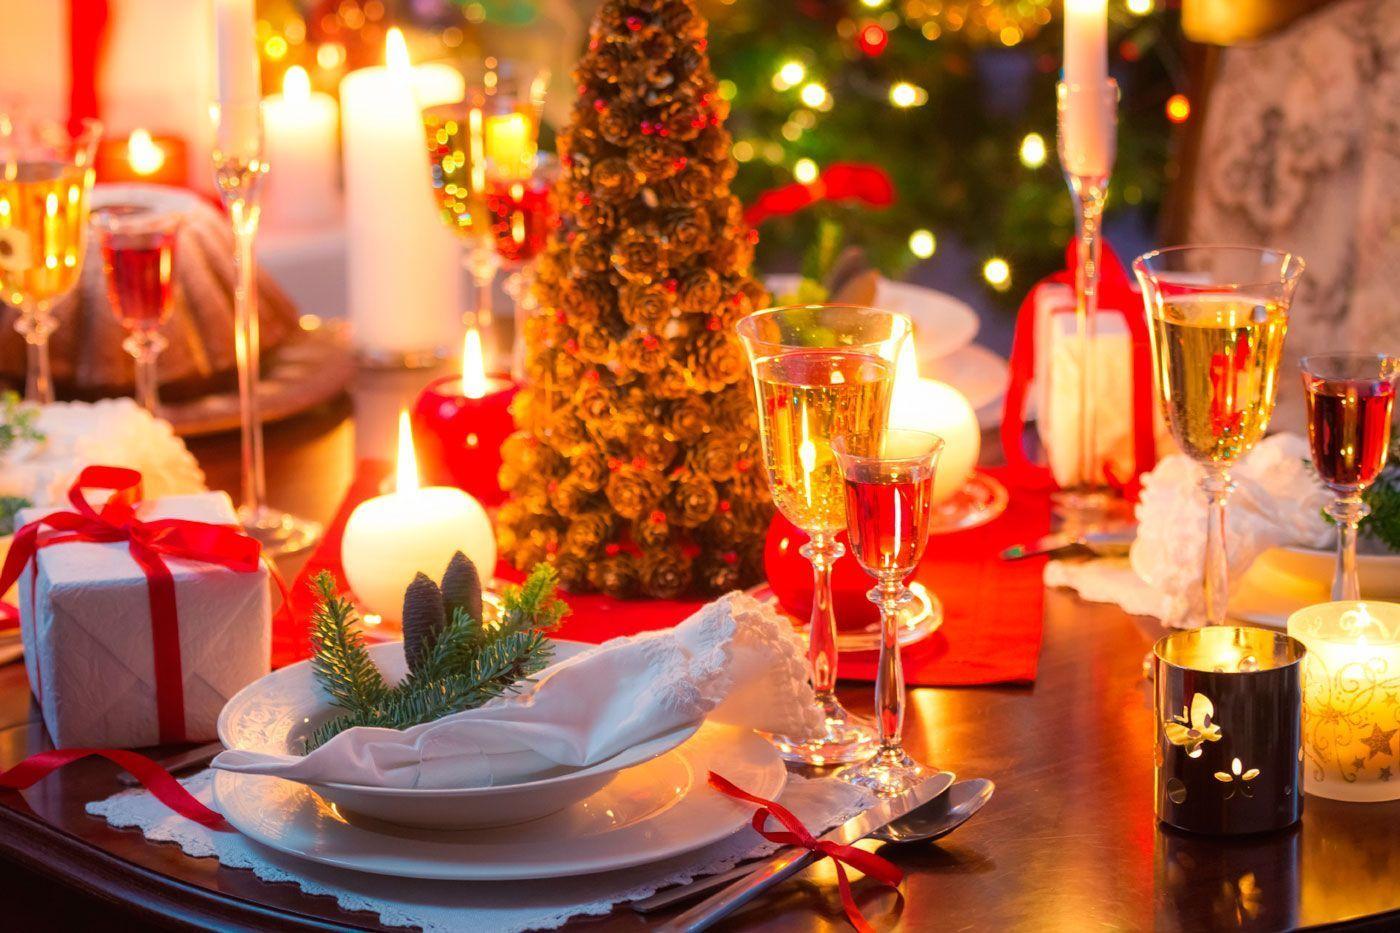 Plats fàcils i originals per a la teva taula de Nadal